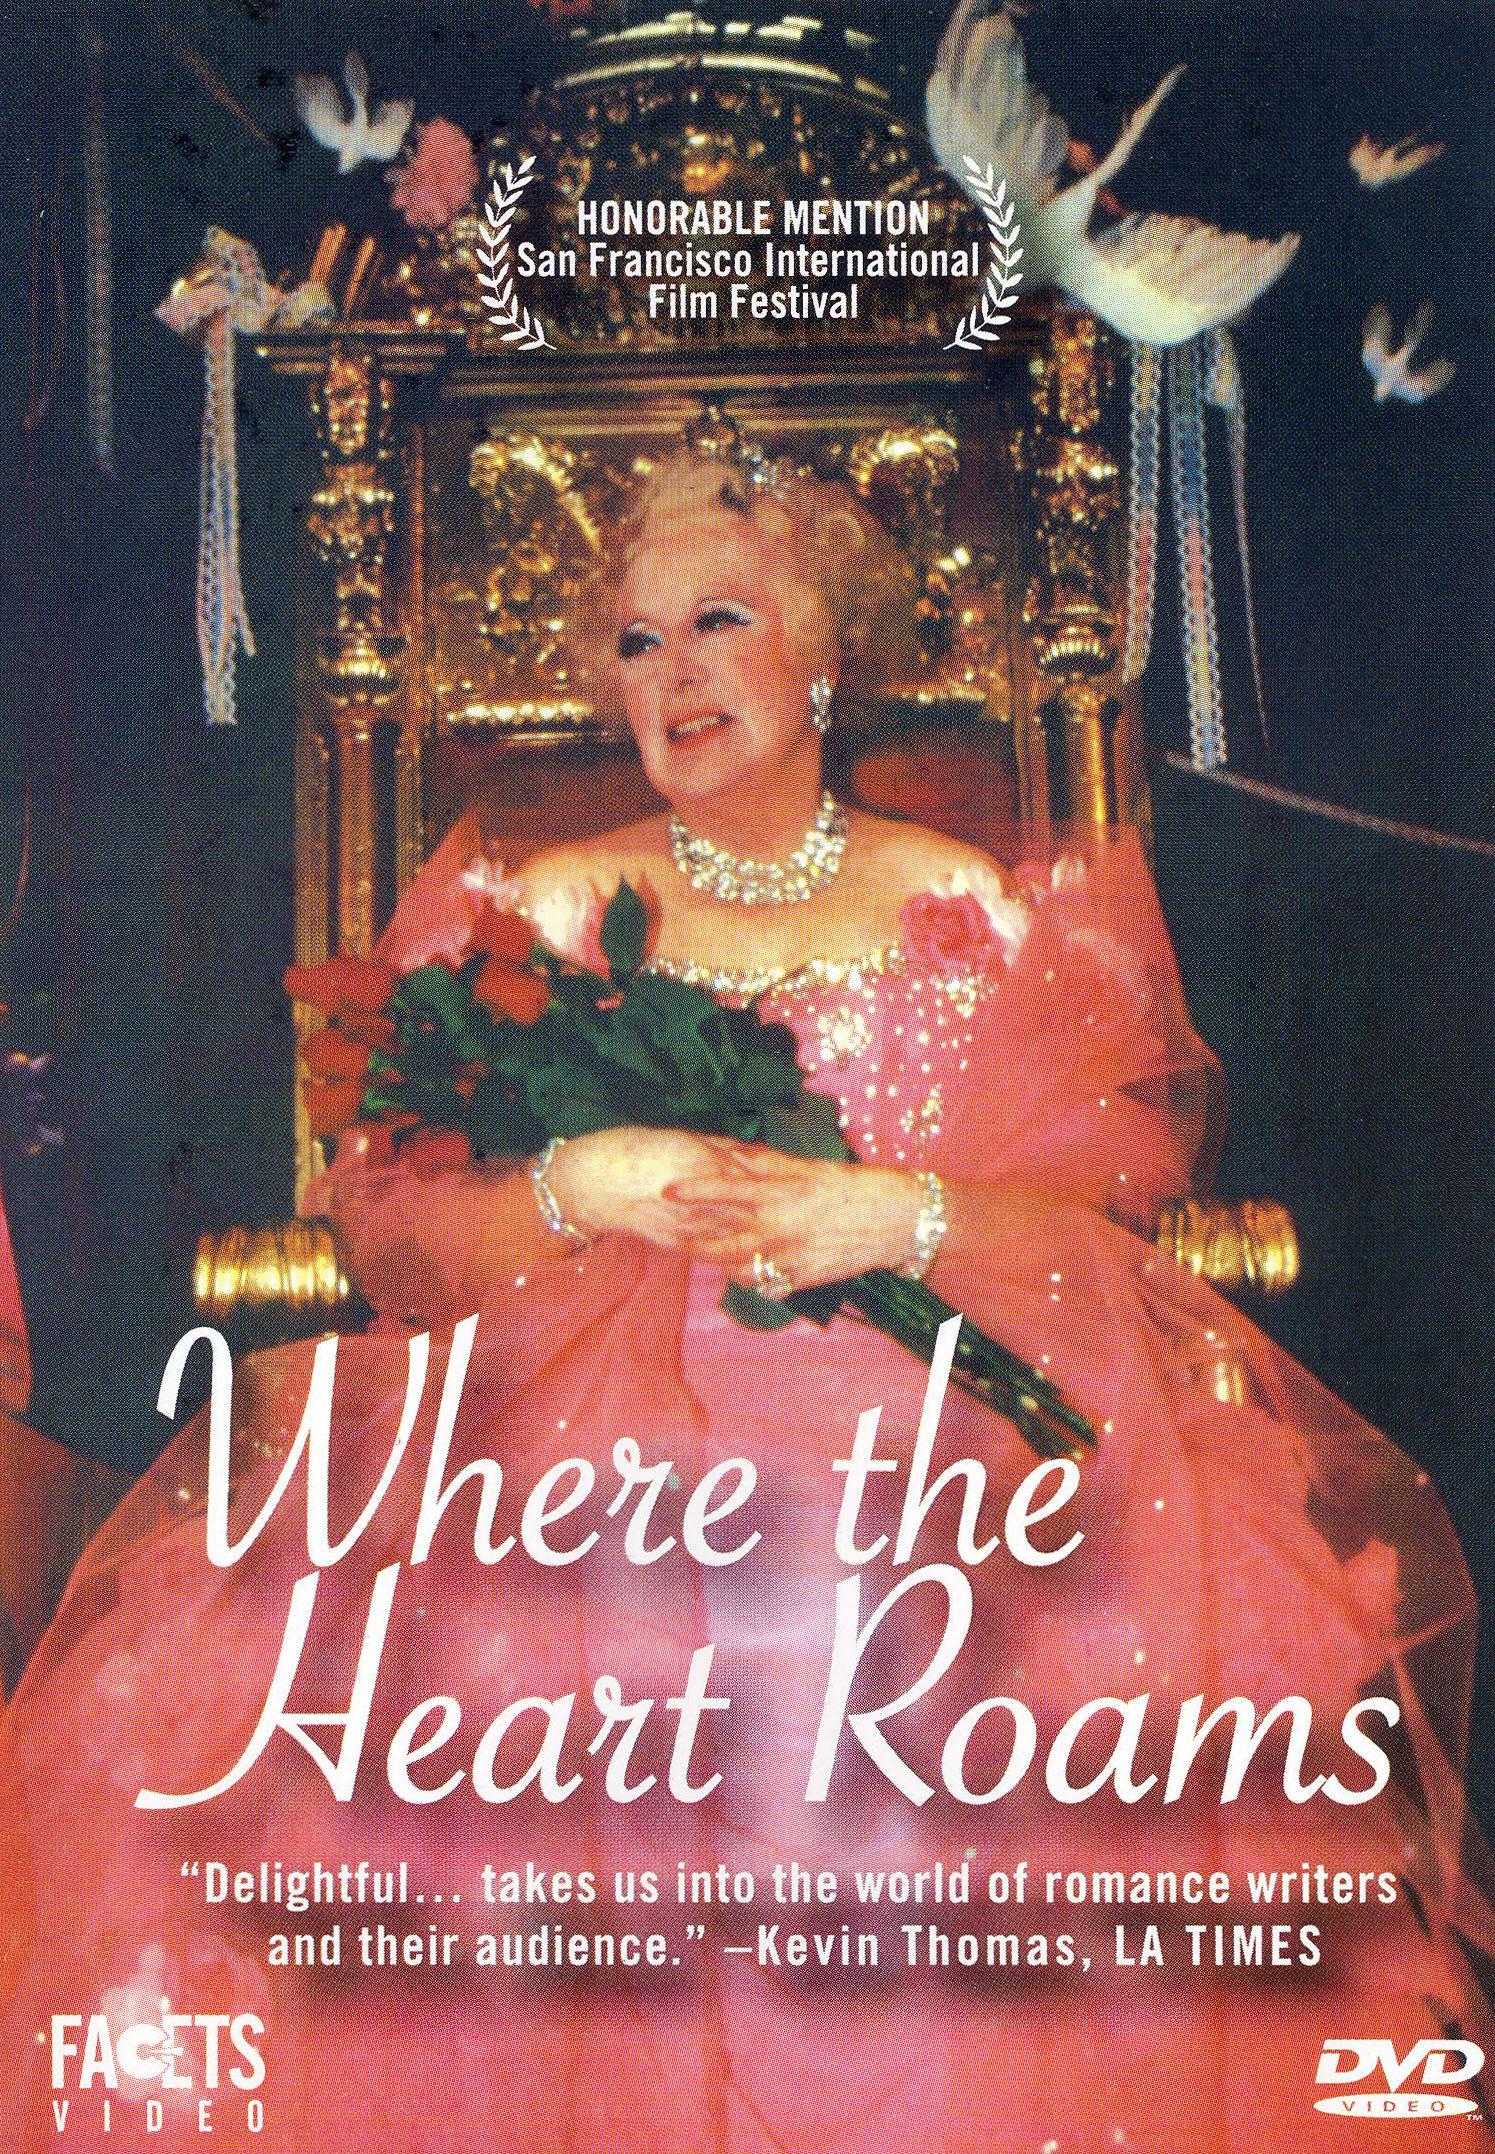 Where the Heart Roams